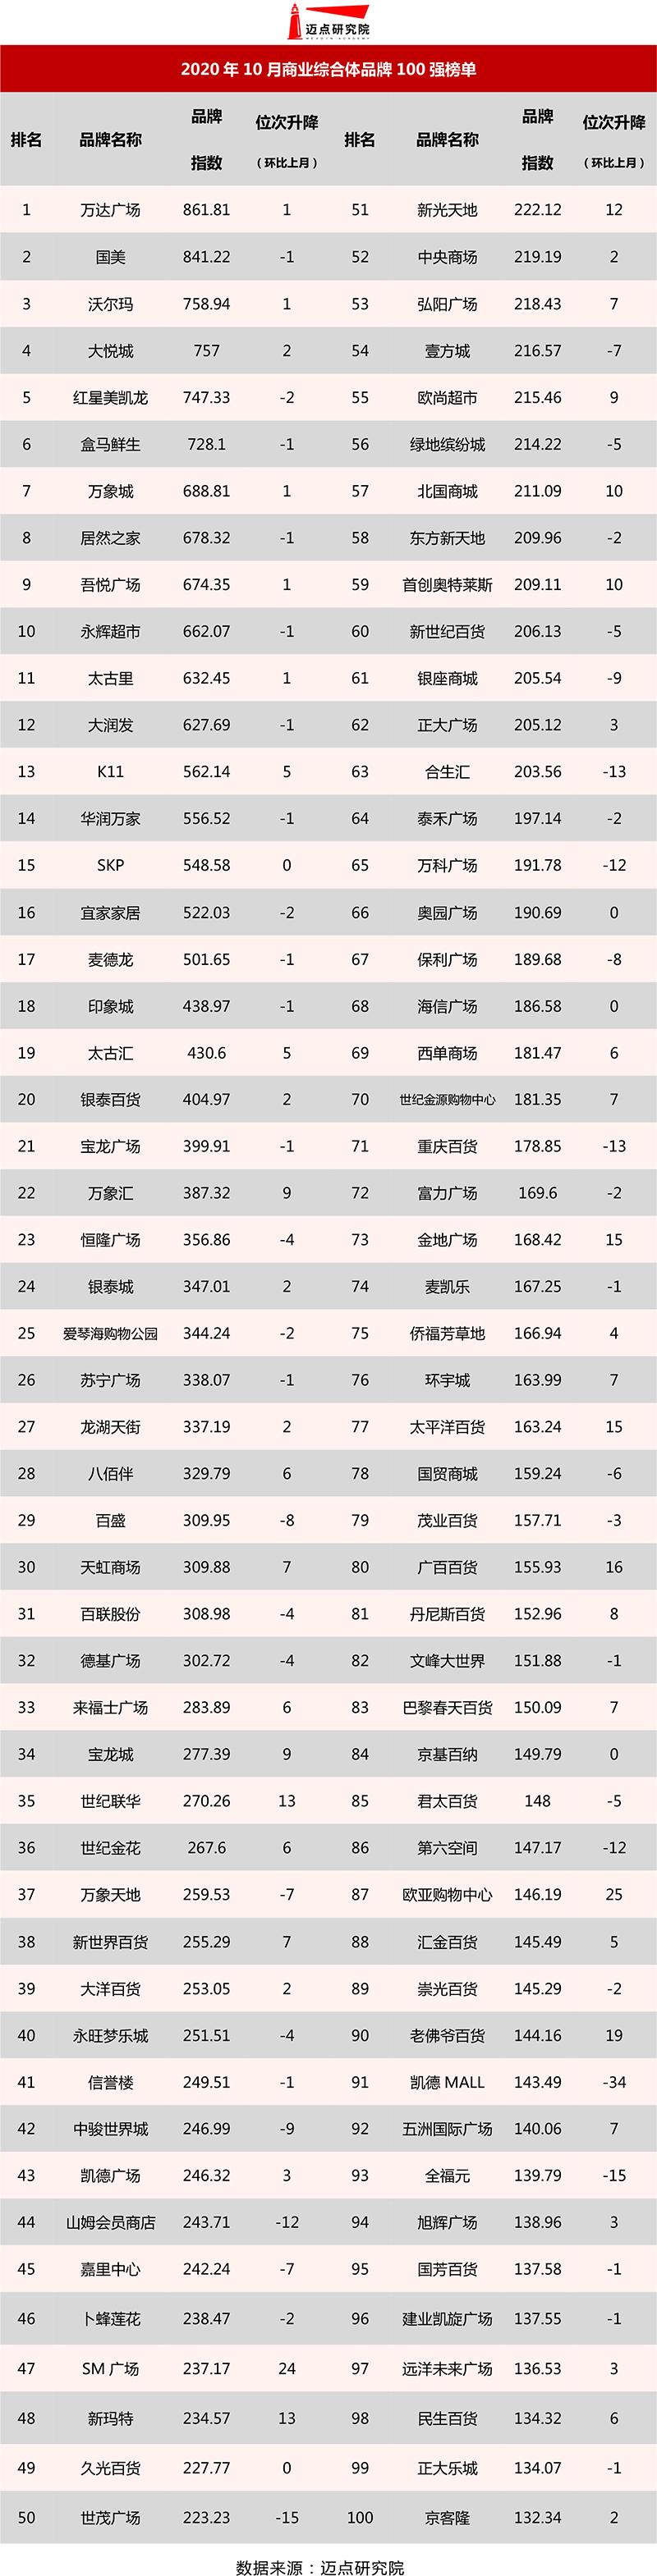 2020年10月商业综合体品牌100强榜单发布.jpg